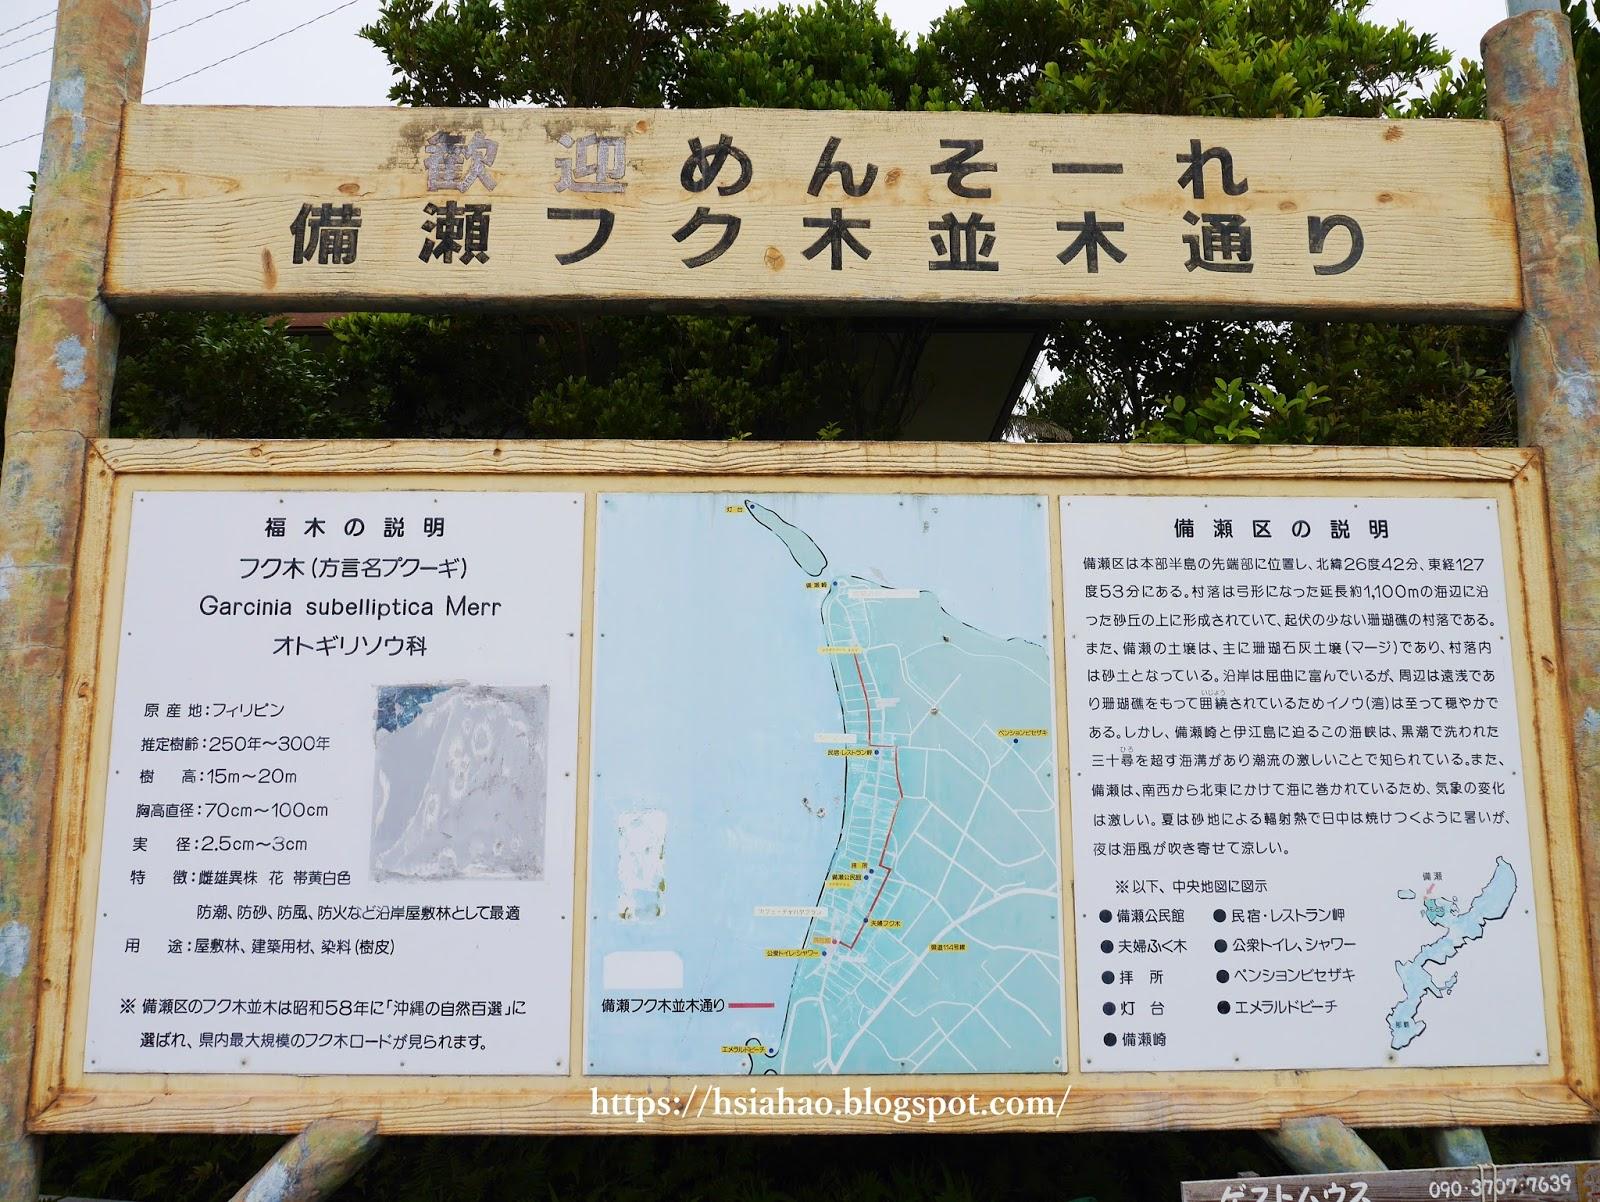 沖繩-海洋博公園-備瀨福木林道-備瀬フク木並木通り-海洋博公園景點-自由行-旅遊-旅行-okinawa-ocean-expo-park-Churaumi